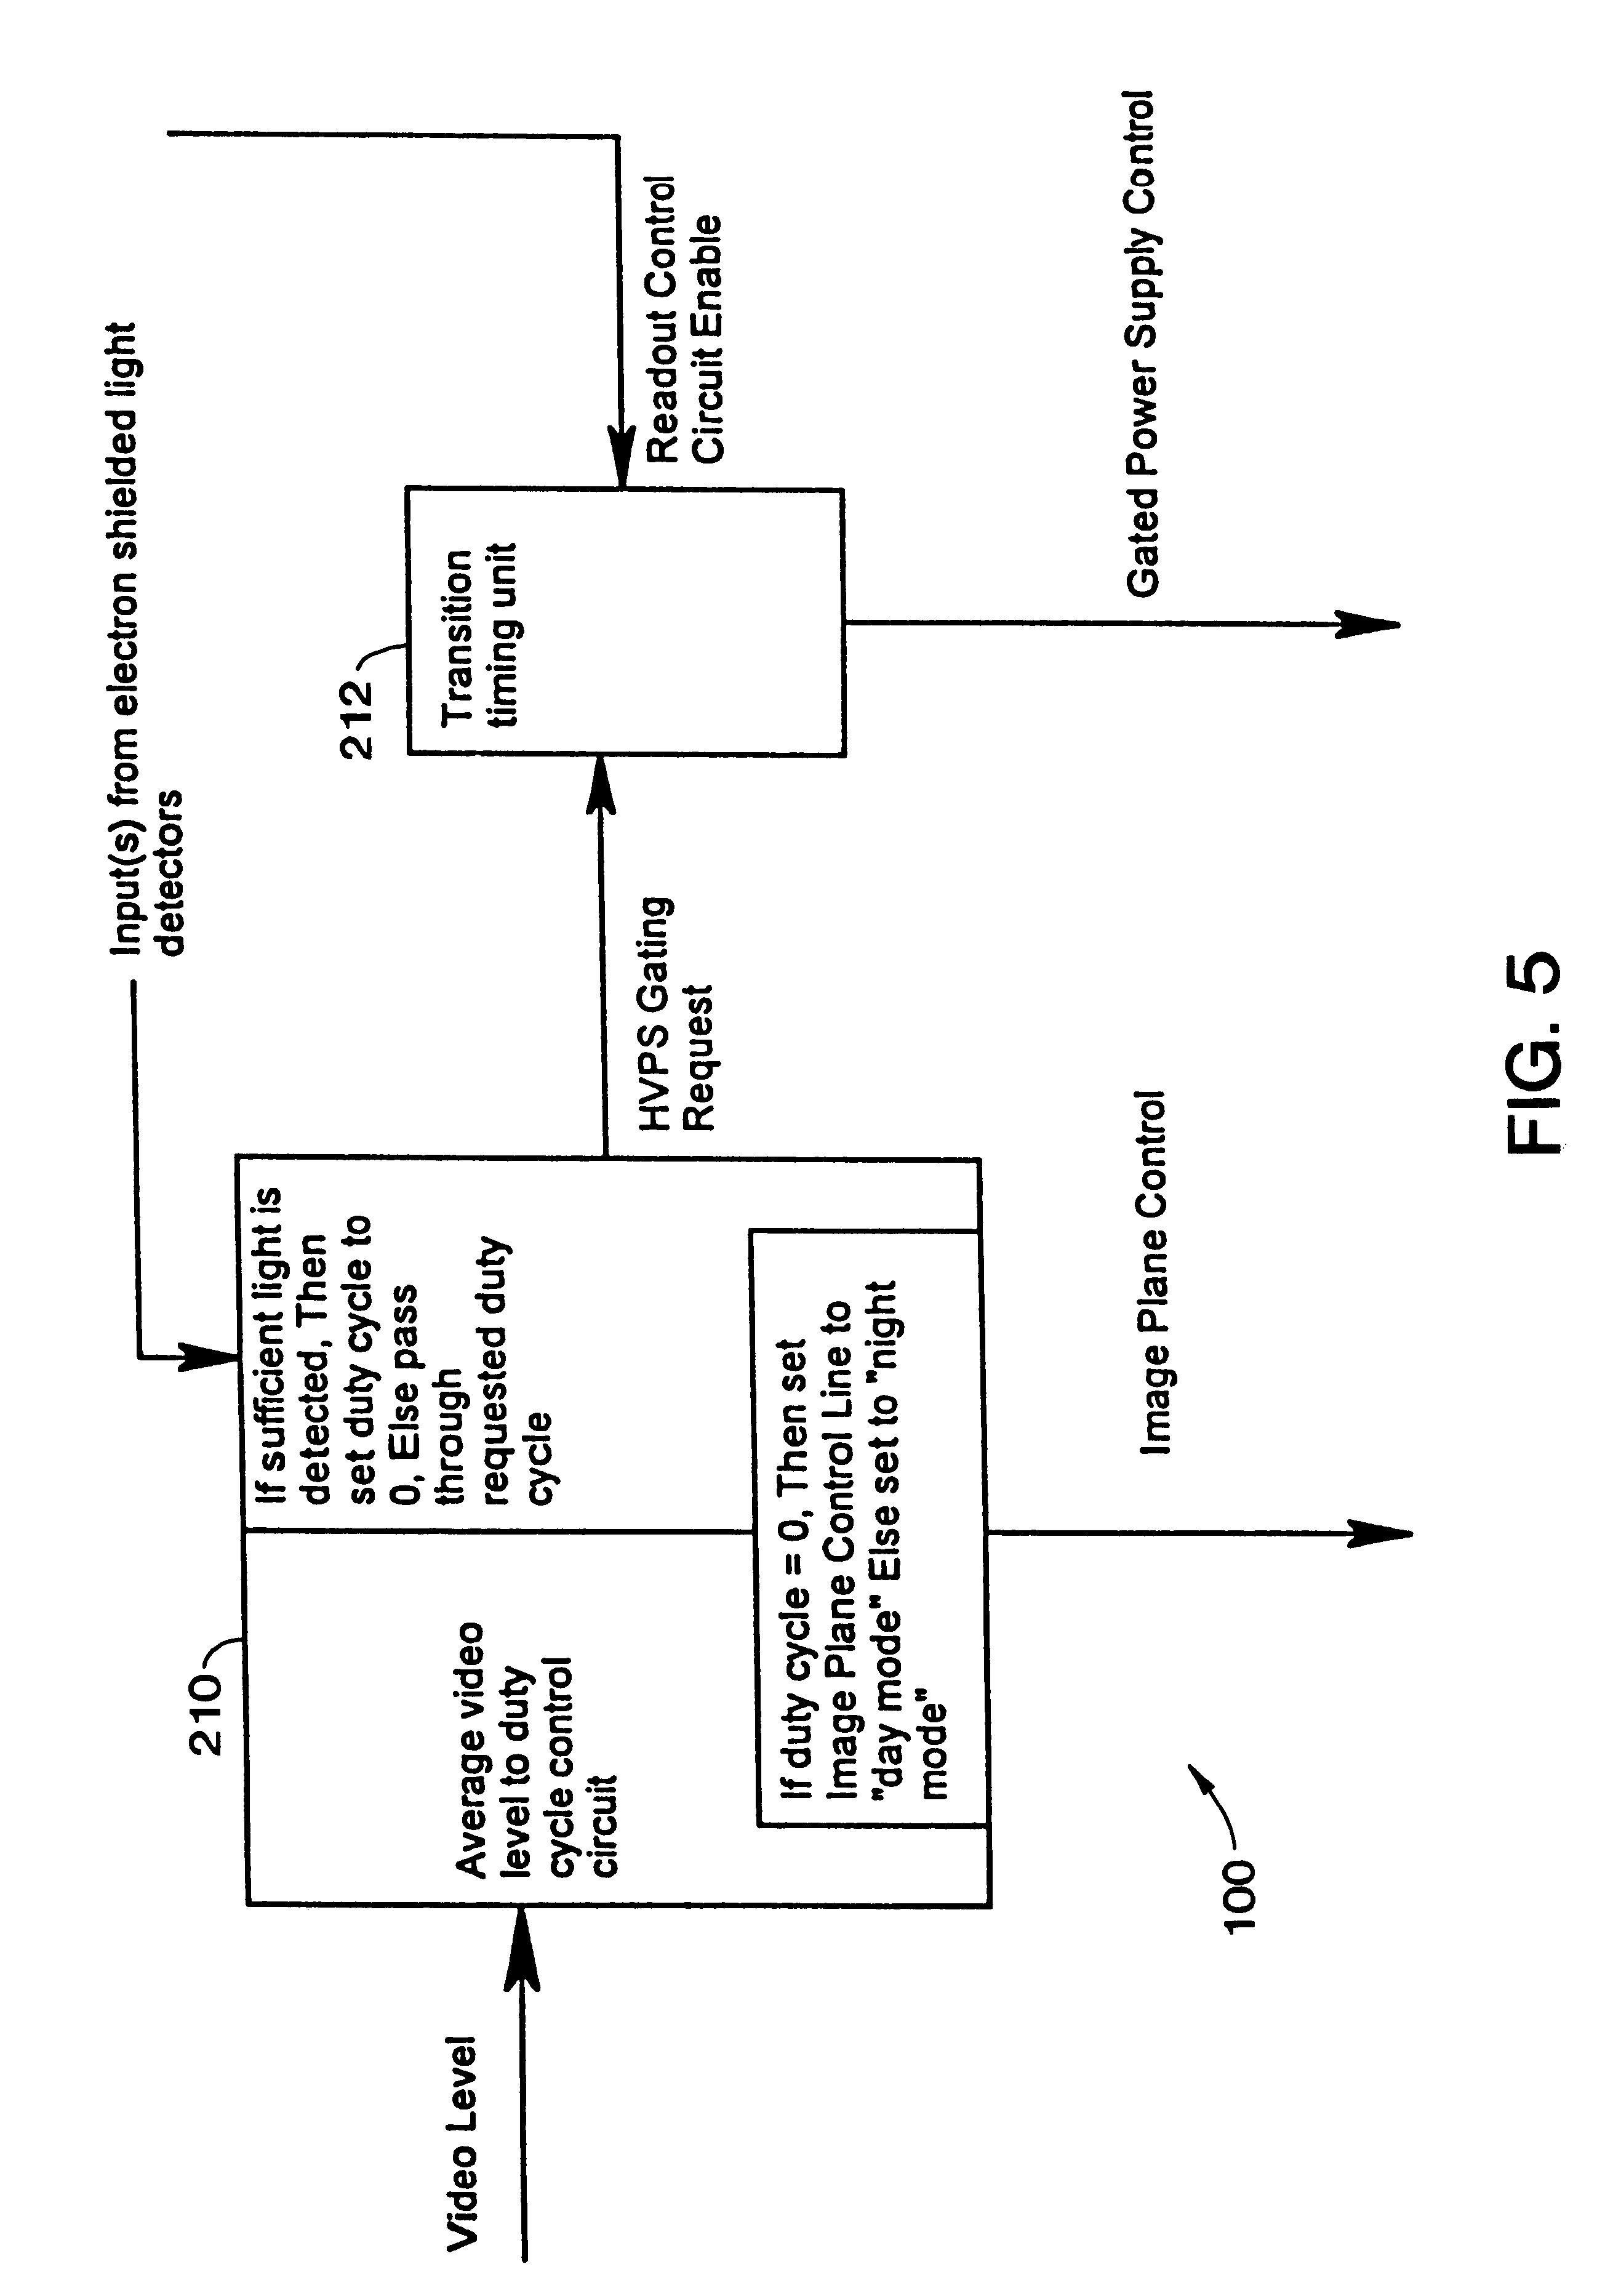 patent us6307586